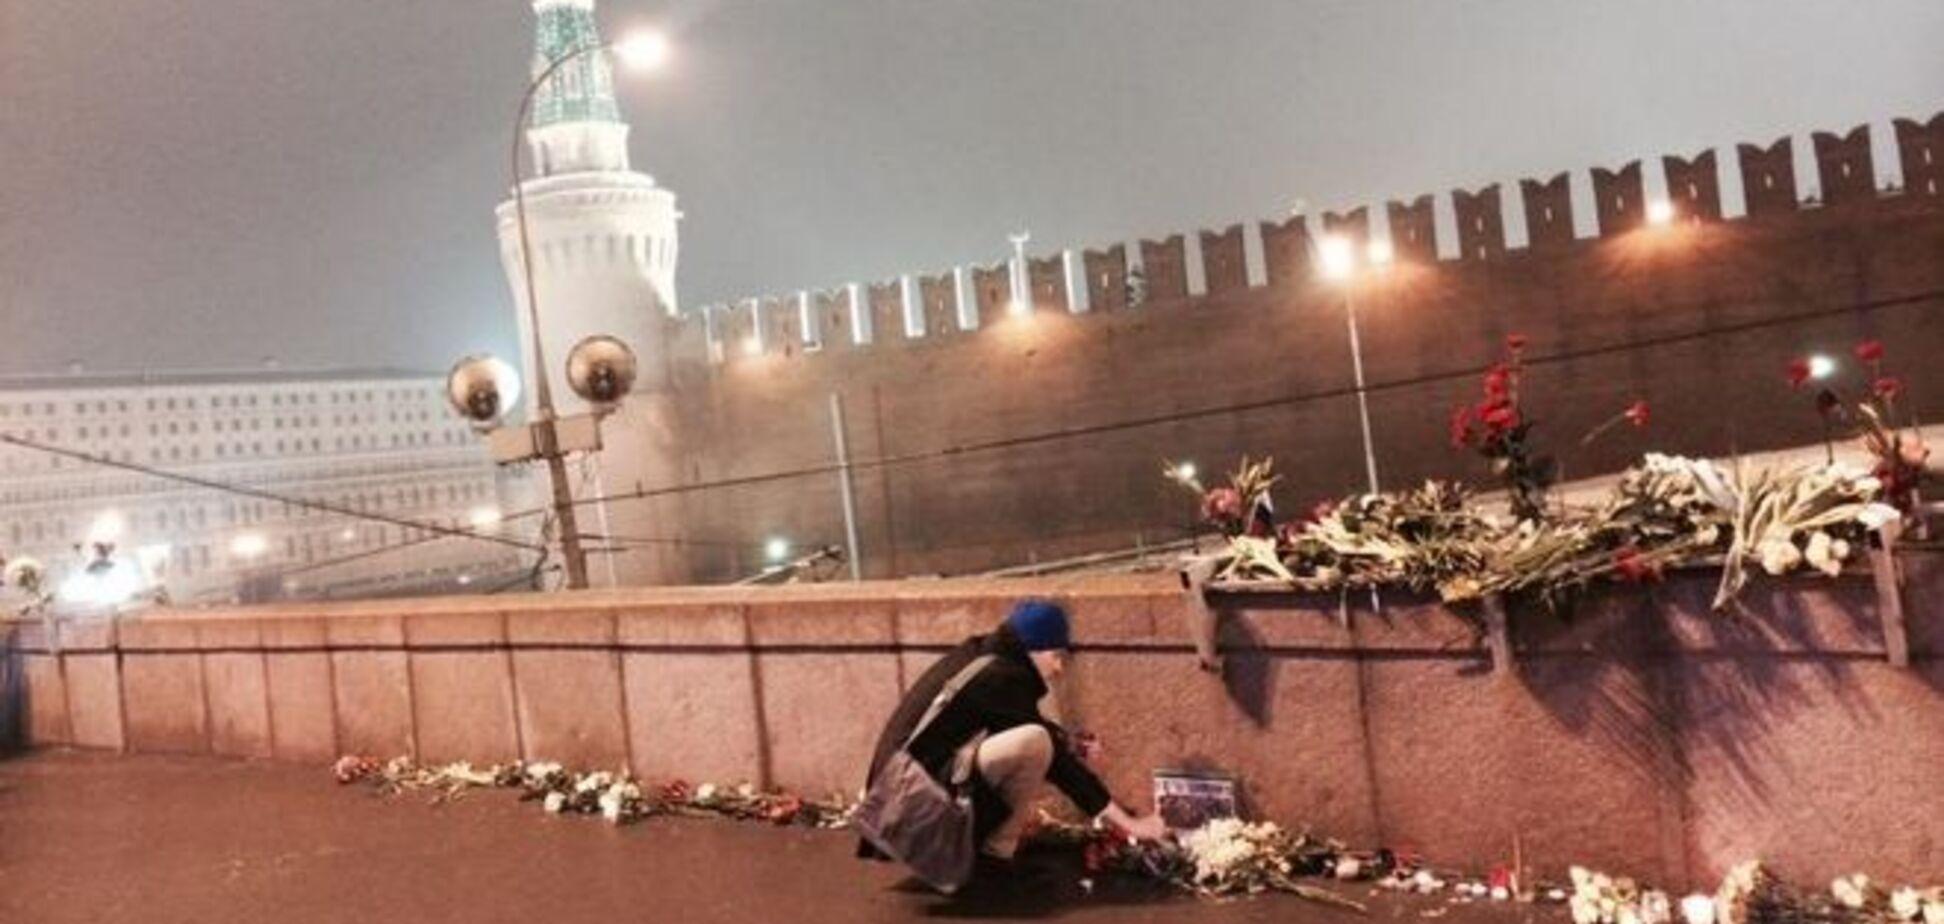 'Мы же не хуже?' Москвич на месте убийства Немцова рассказал о страхе в России, Майдане и Путине. Видеофакт